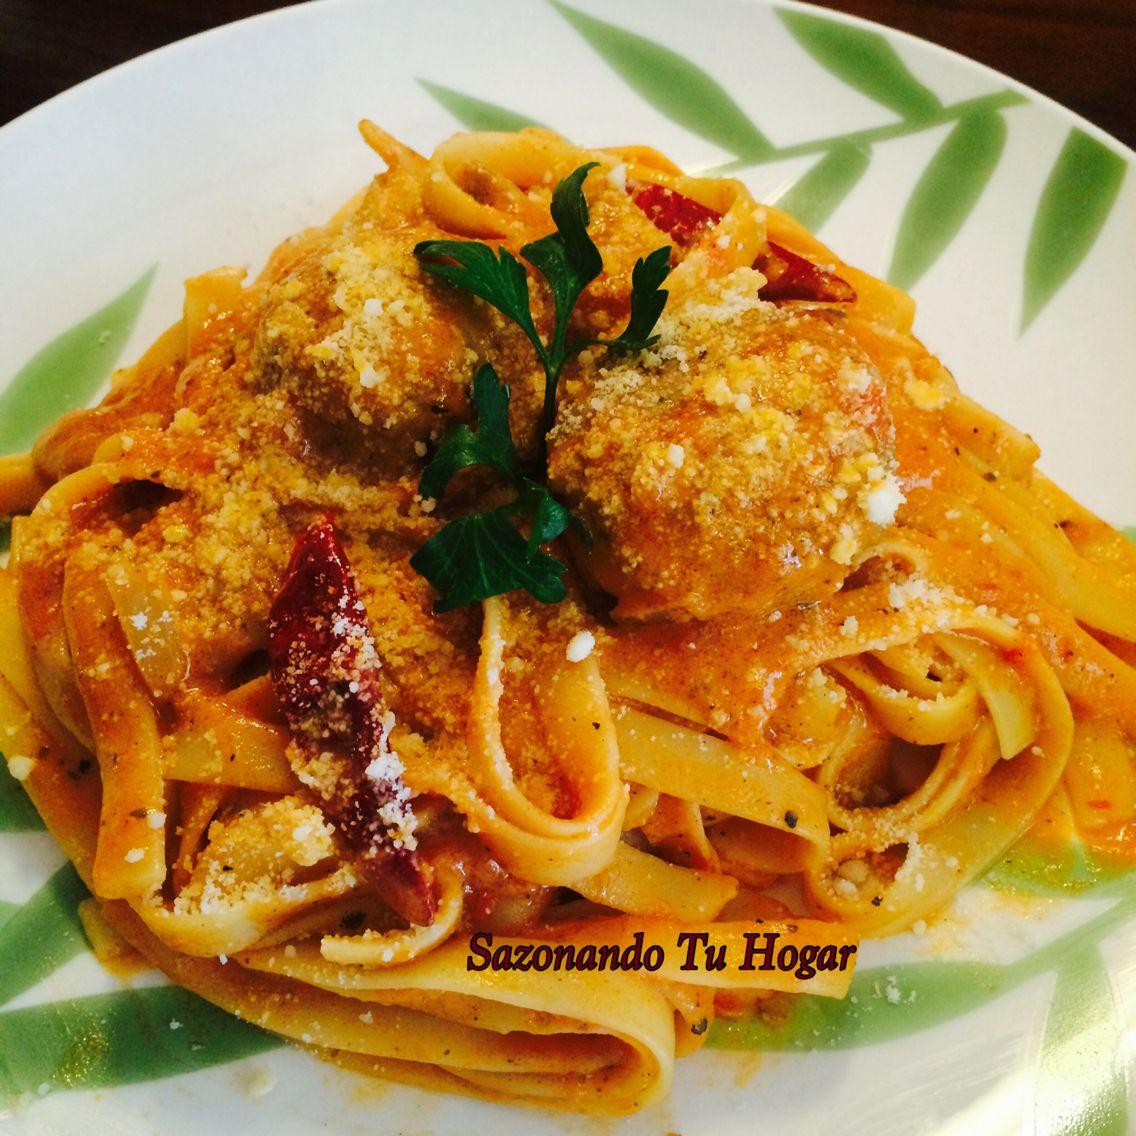 Como Cocinar Hongos Frescos | Fettucine Spacy De Mi Cocina Receta Mary S Cuellar 17 Onzas De